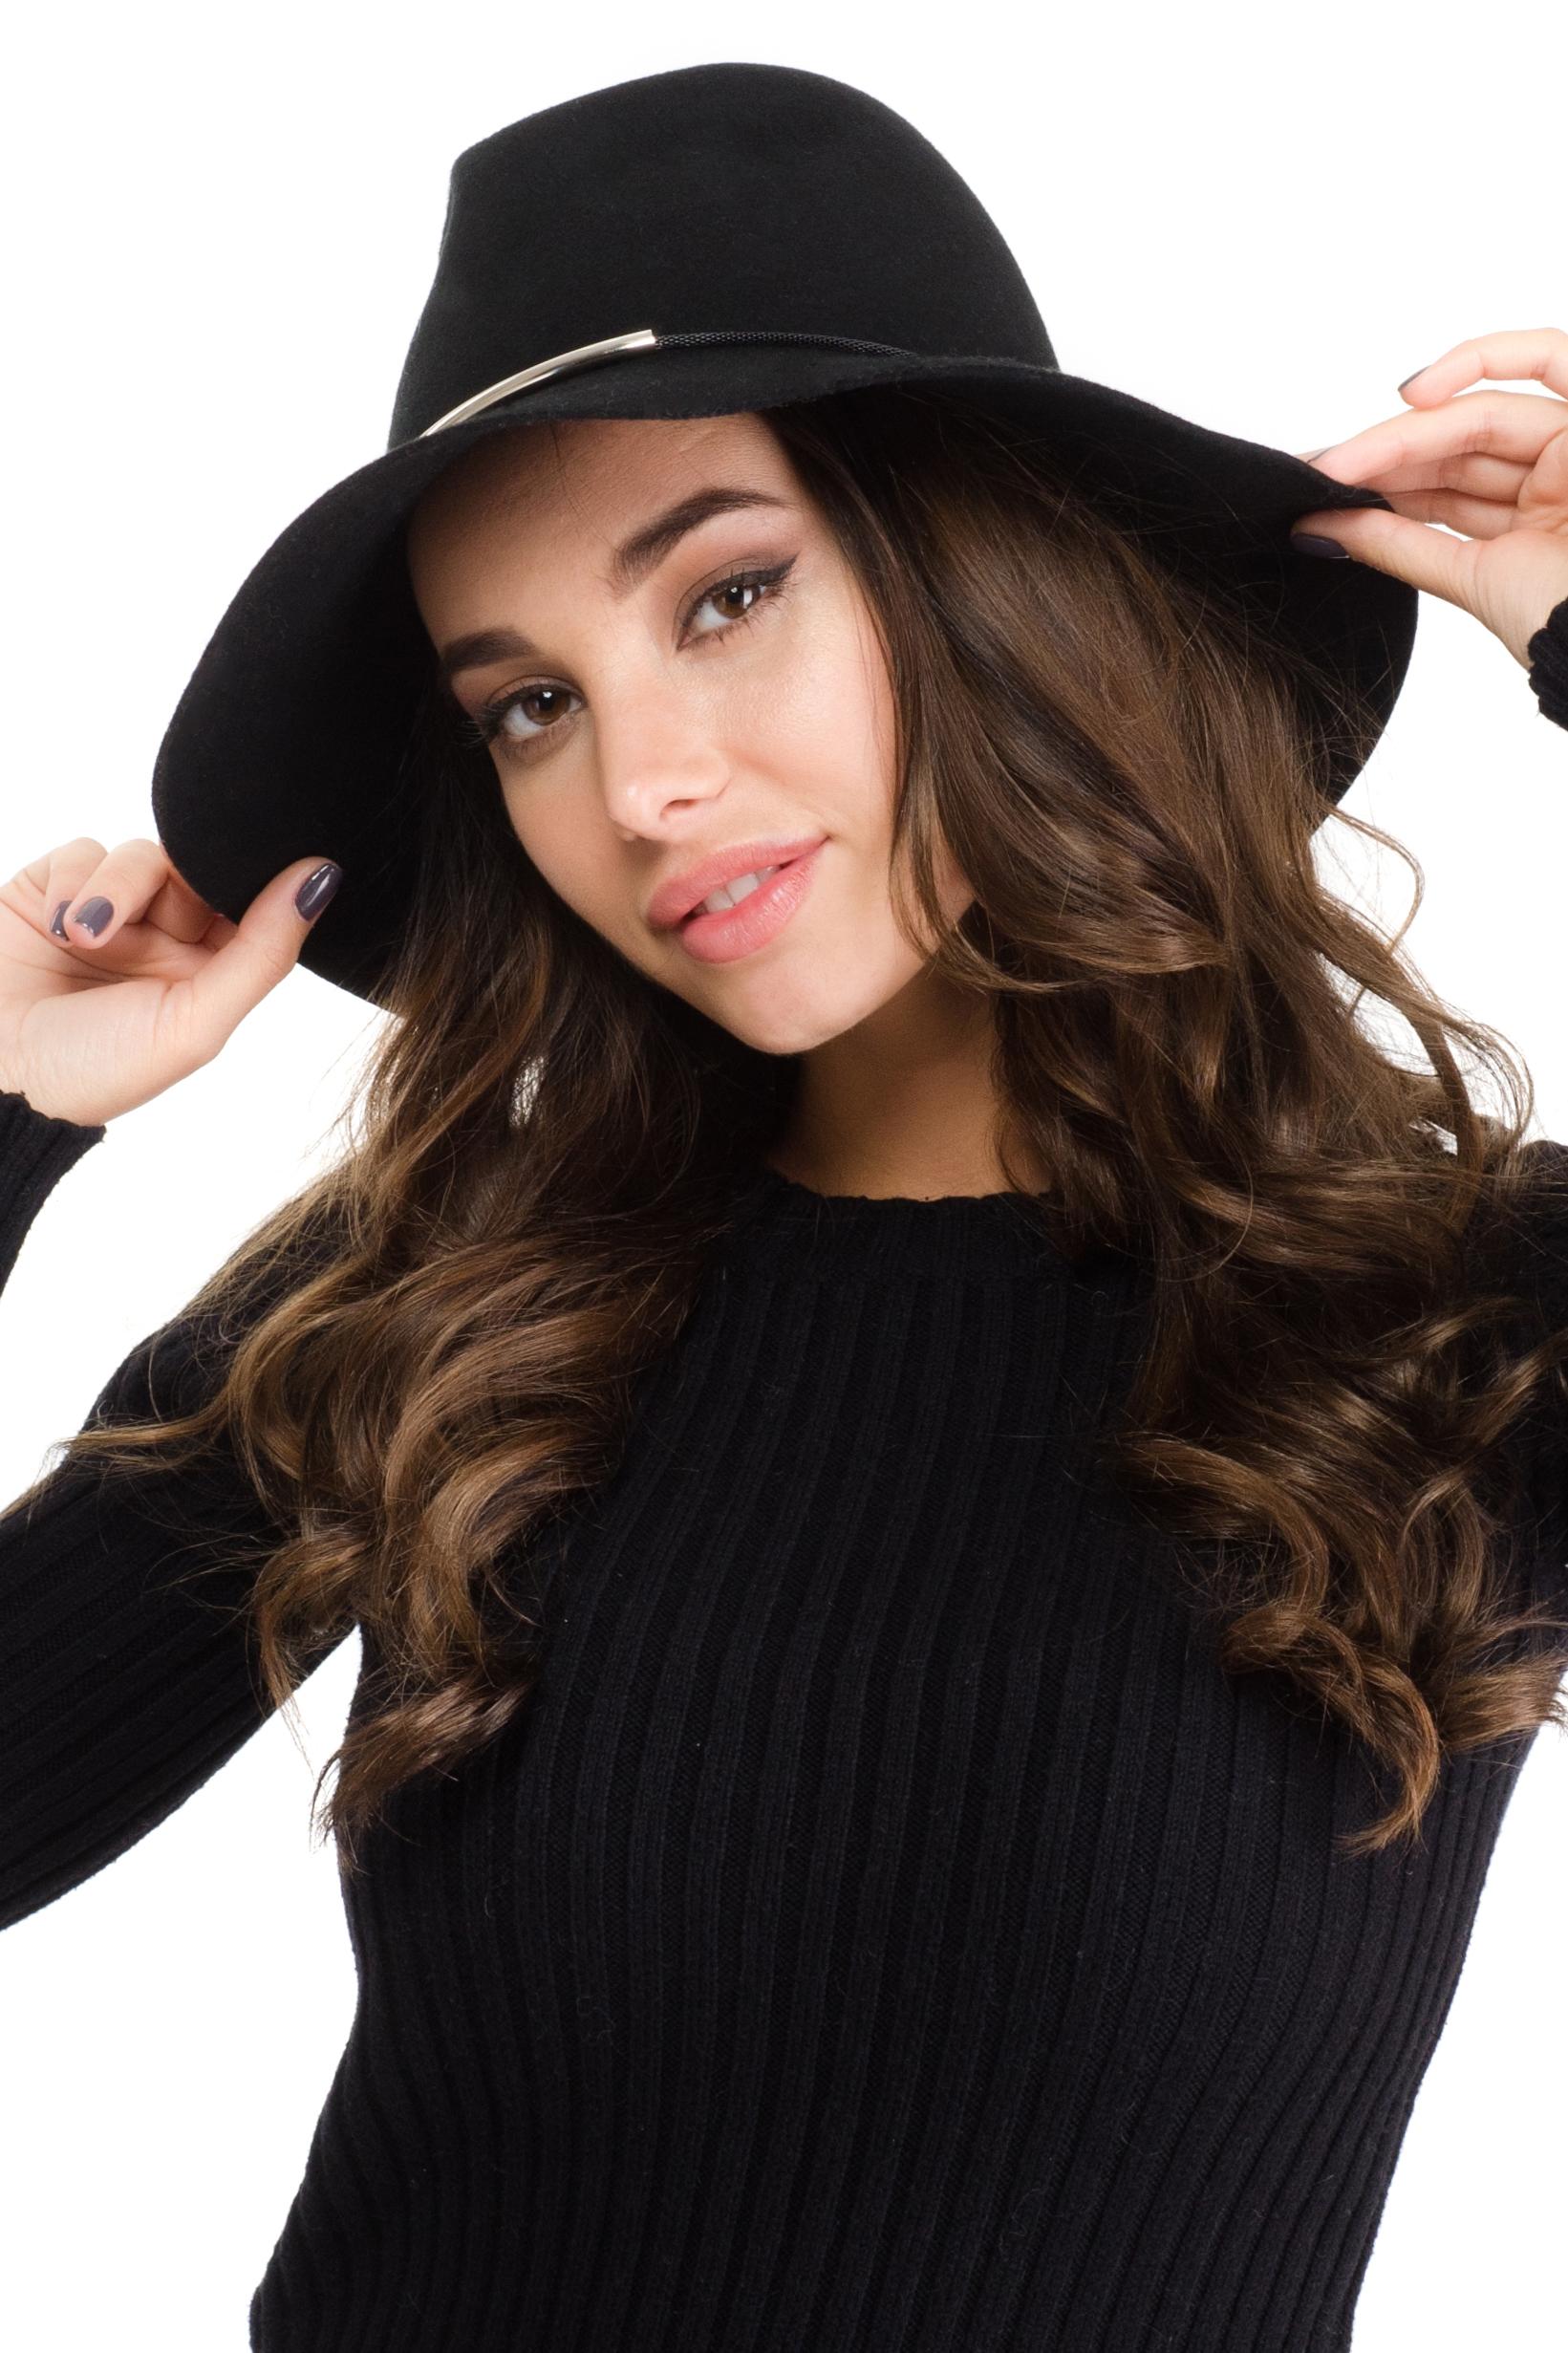 Шляпа141B-1605Элегантная женская шляпа Moltini, выполненная из тонкого фетра, дополнит любой образ. Модель широкими полями и высокой тульей. Шляпа-клош по тулье оформлена тонкой металлической цепочкой, которая дополнена металлическими трубками. Внутри модель дополнена плотной тесьмой для комфортной посадки изделия по голове. Аккуратные поля шляпы придадут вашему образу таинственности и шарма. Такая шляпа подчеркнет вашу неповторимость и прекрасный вкус.